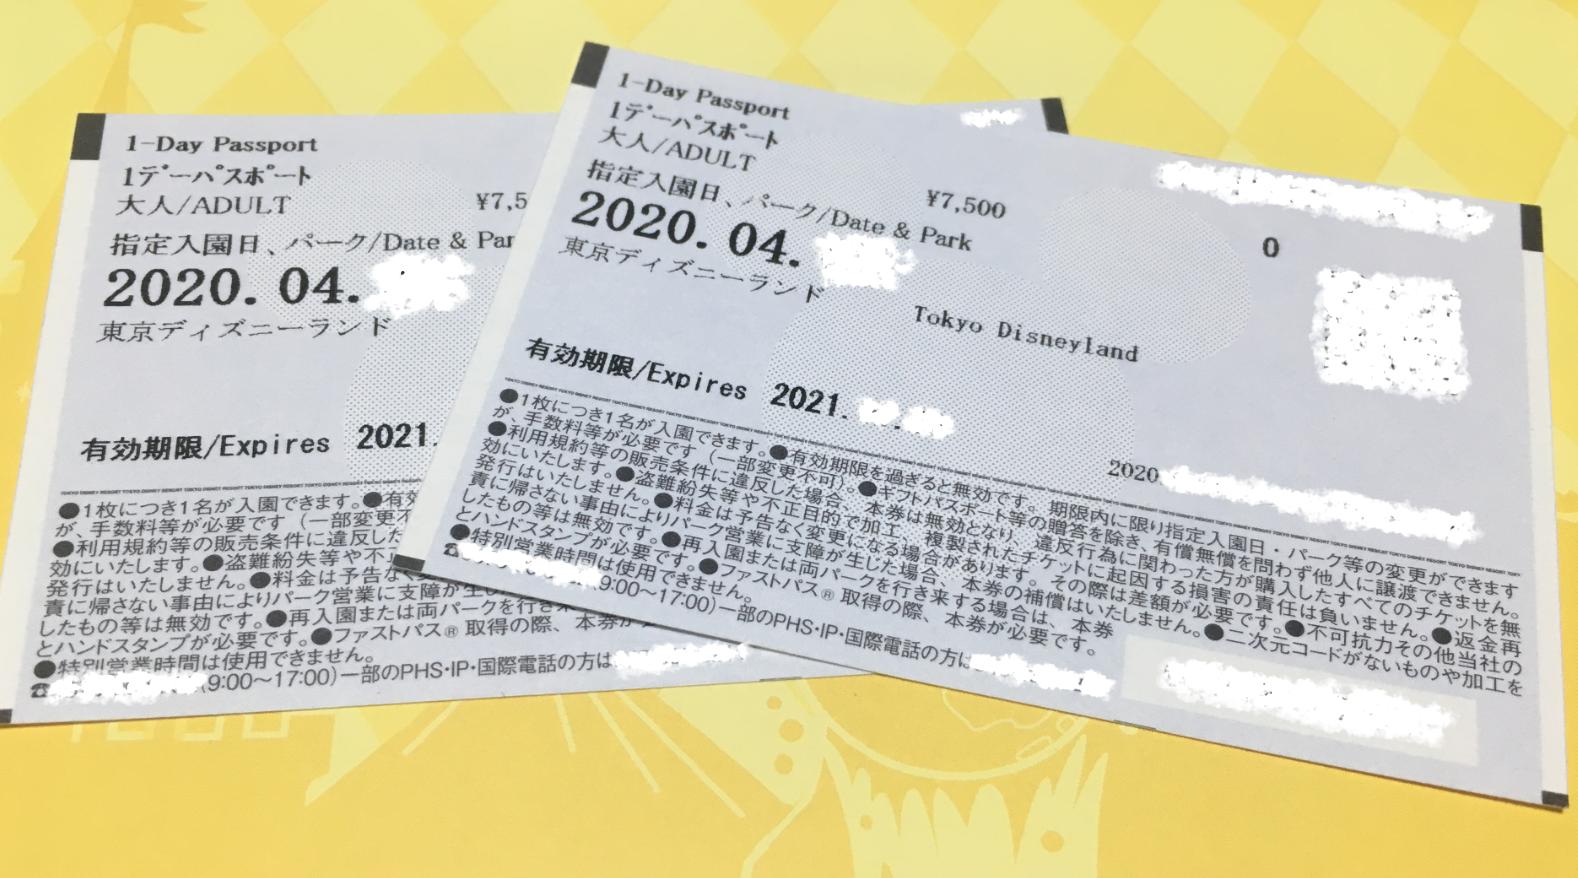 チケット フォーム ディズニー 対応 web